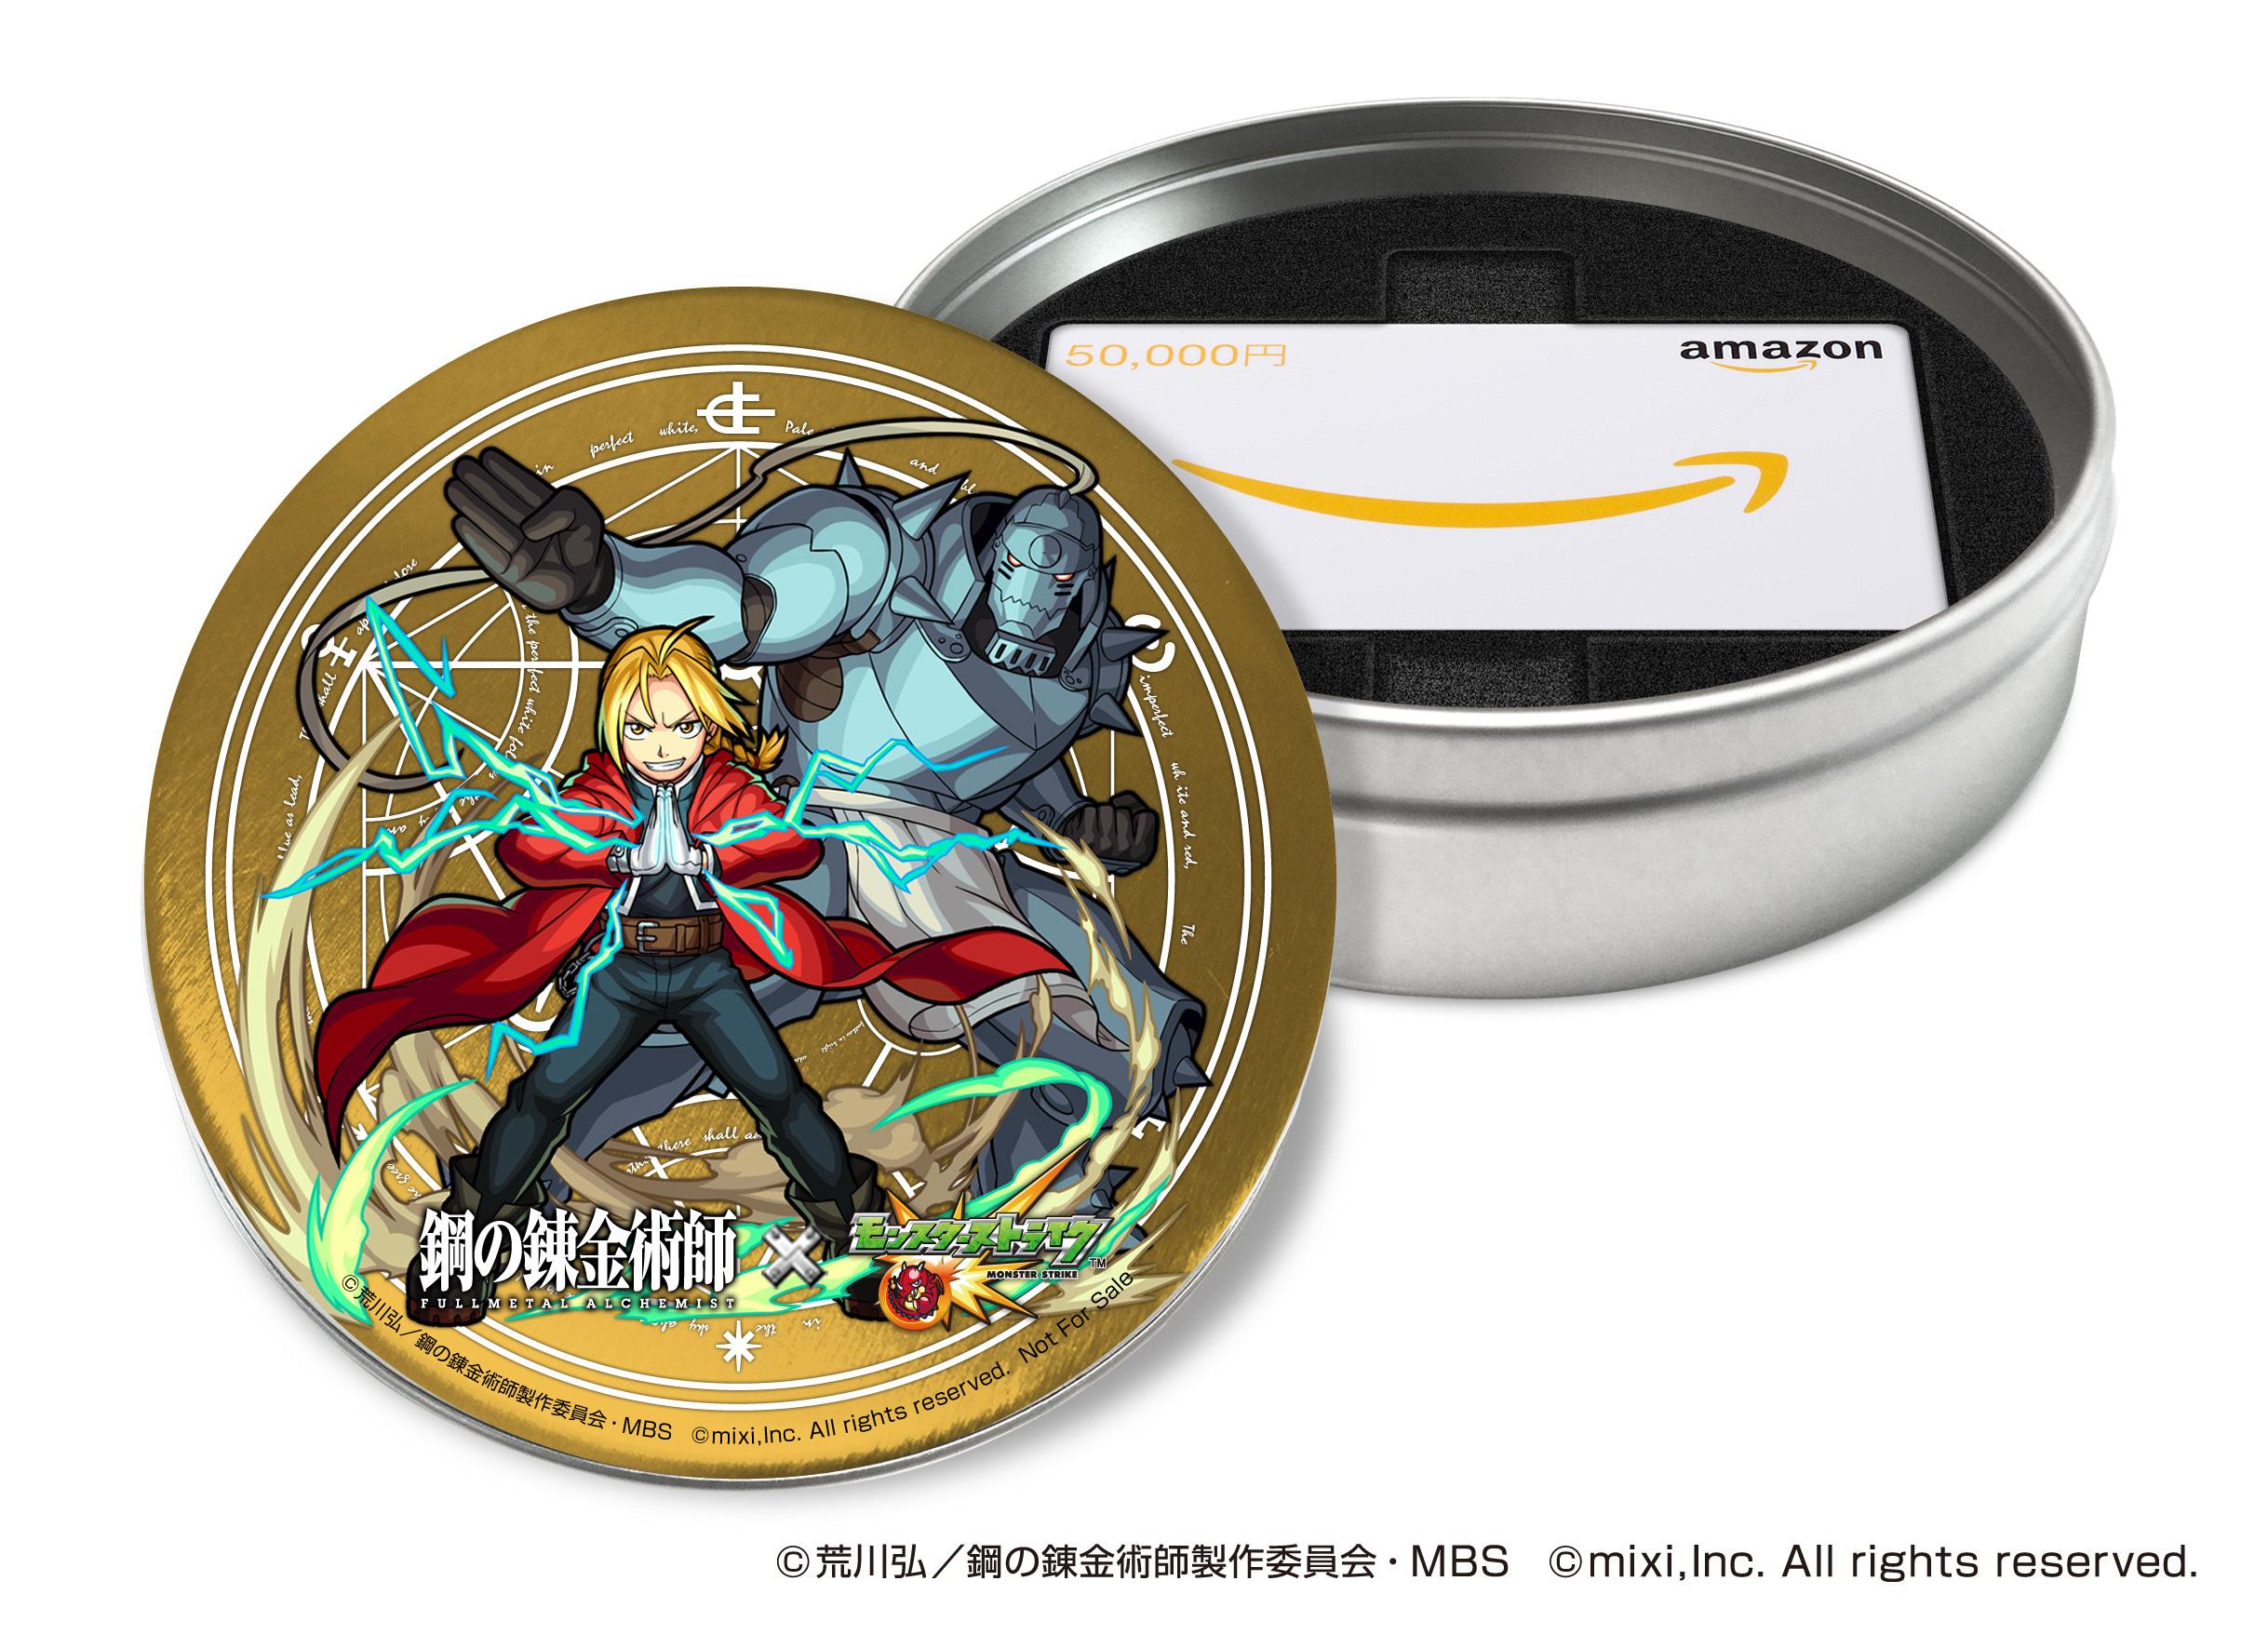 TVアニメ『鋼の錬金術師 FULLMETAL ALCHEMIST』×モンスターストライク